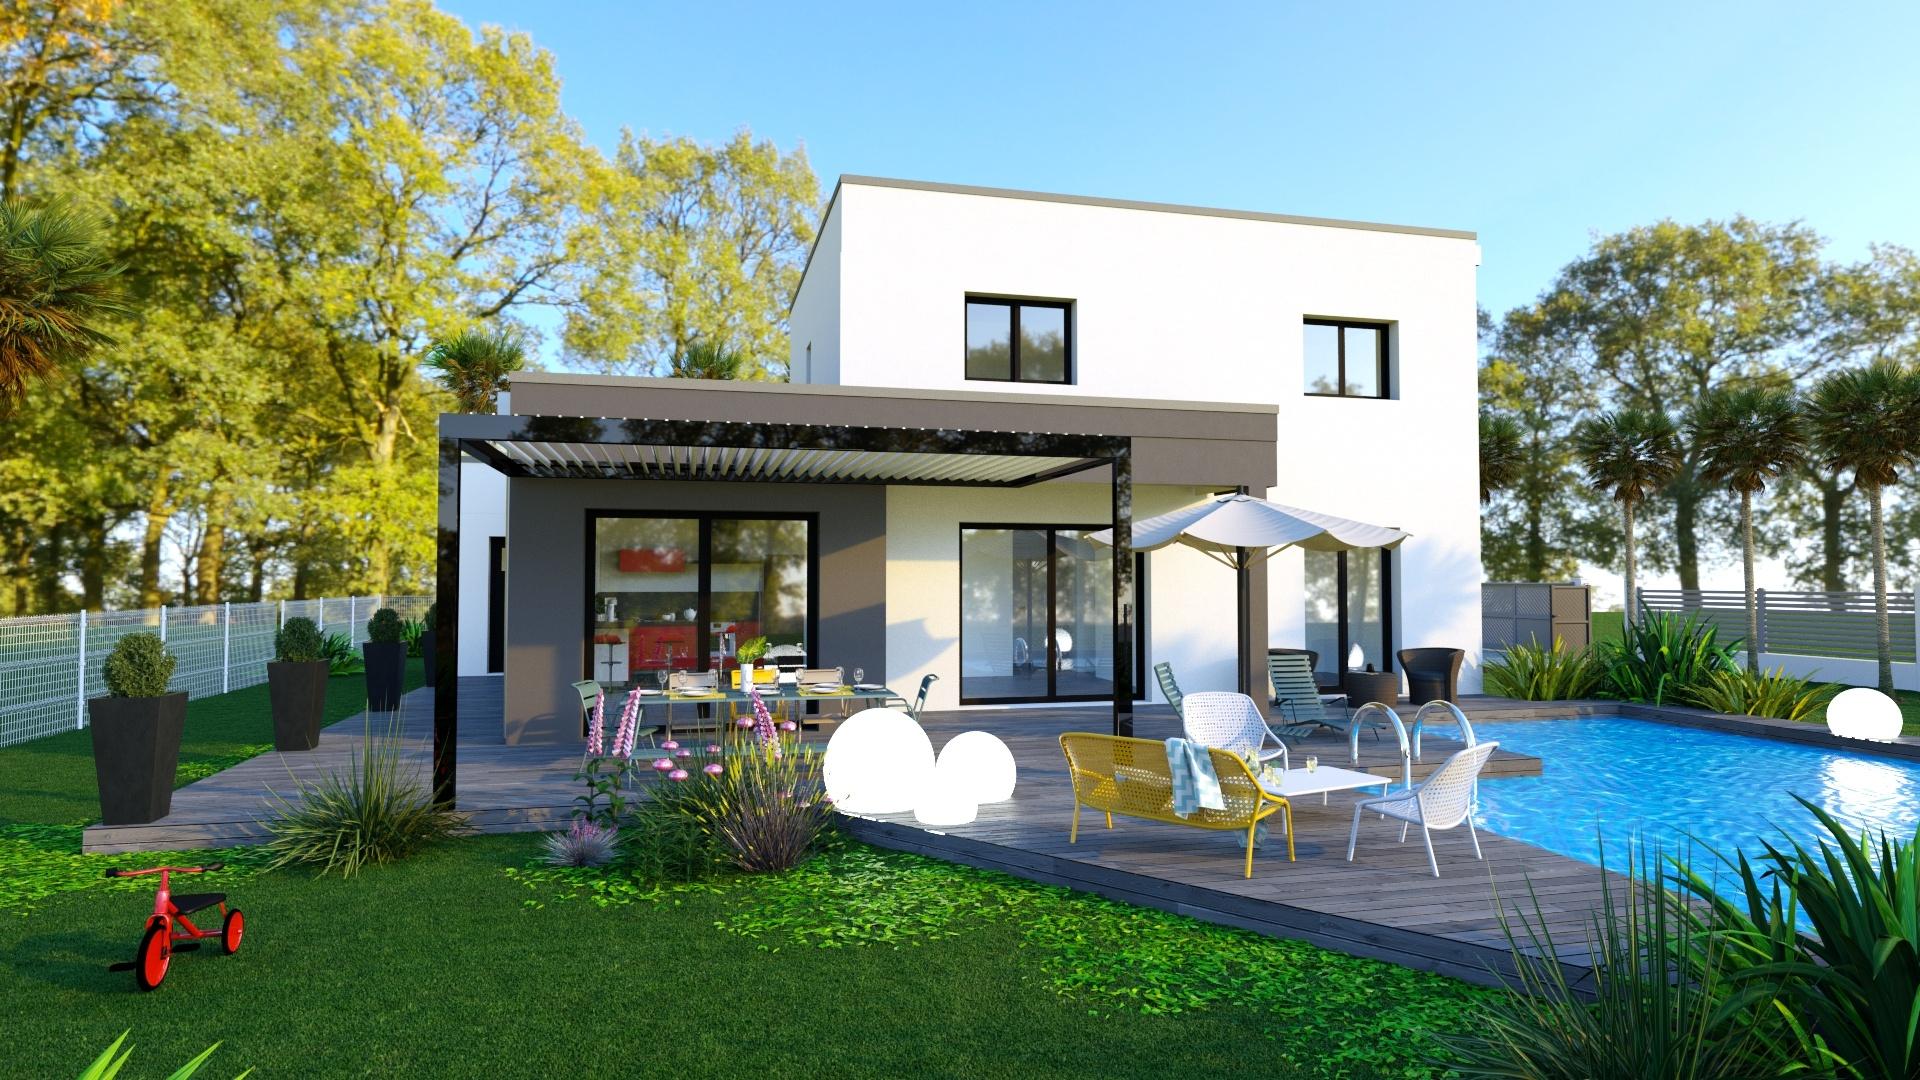 Maisons + Terrains du constructeur MAISONS LOGELIS • 142 m² • ROMANS SUR ISERE